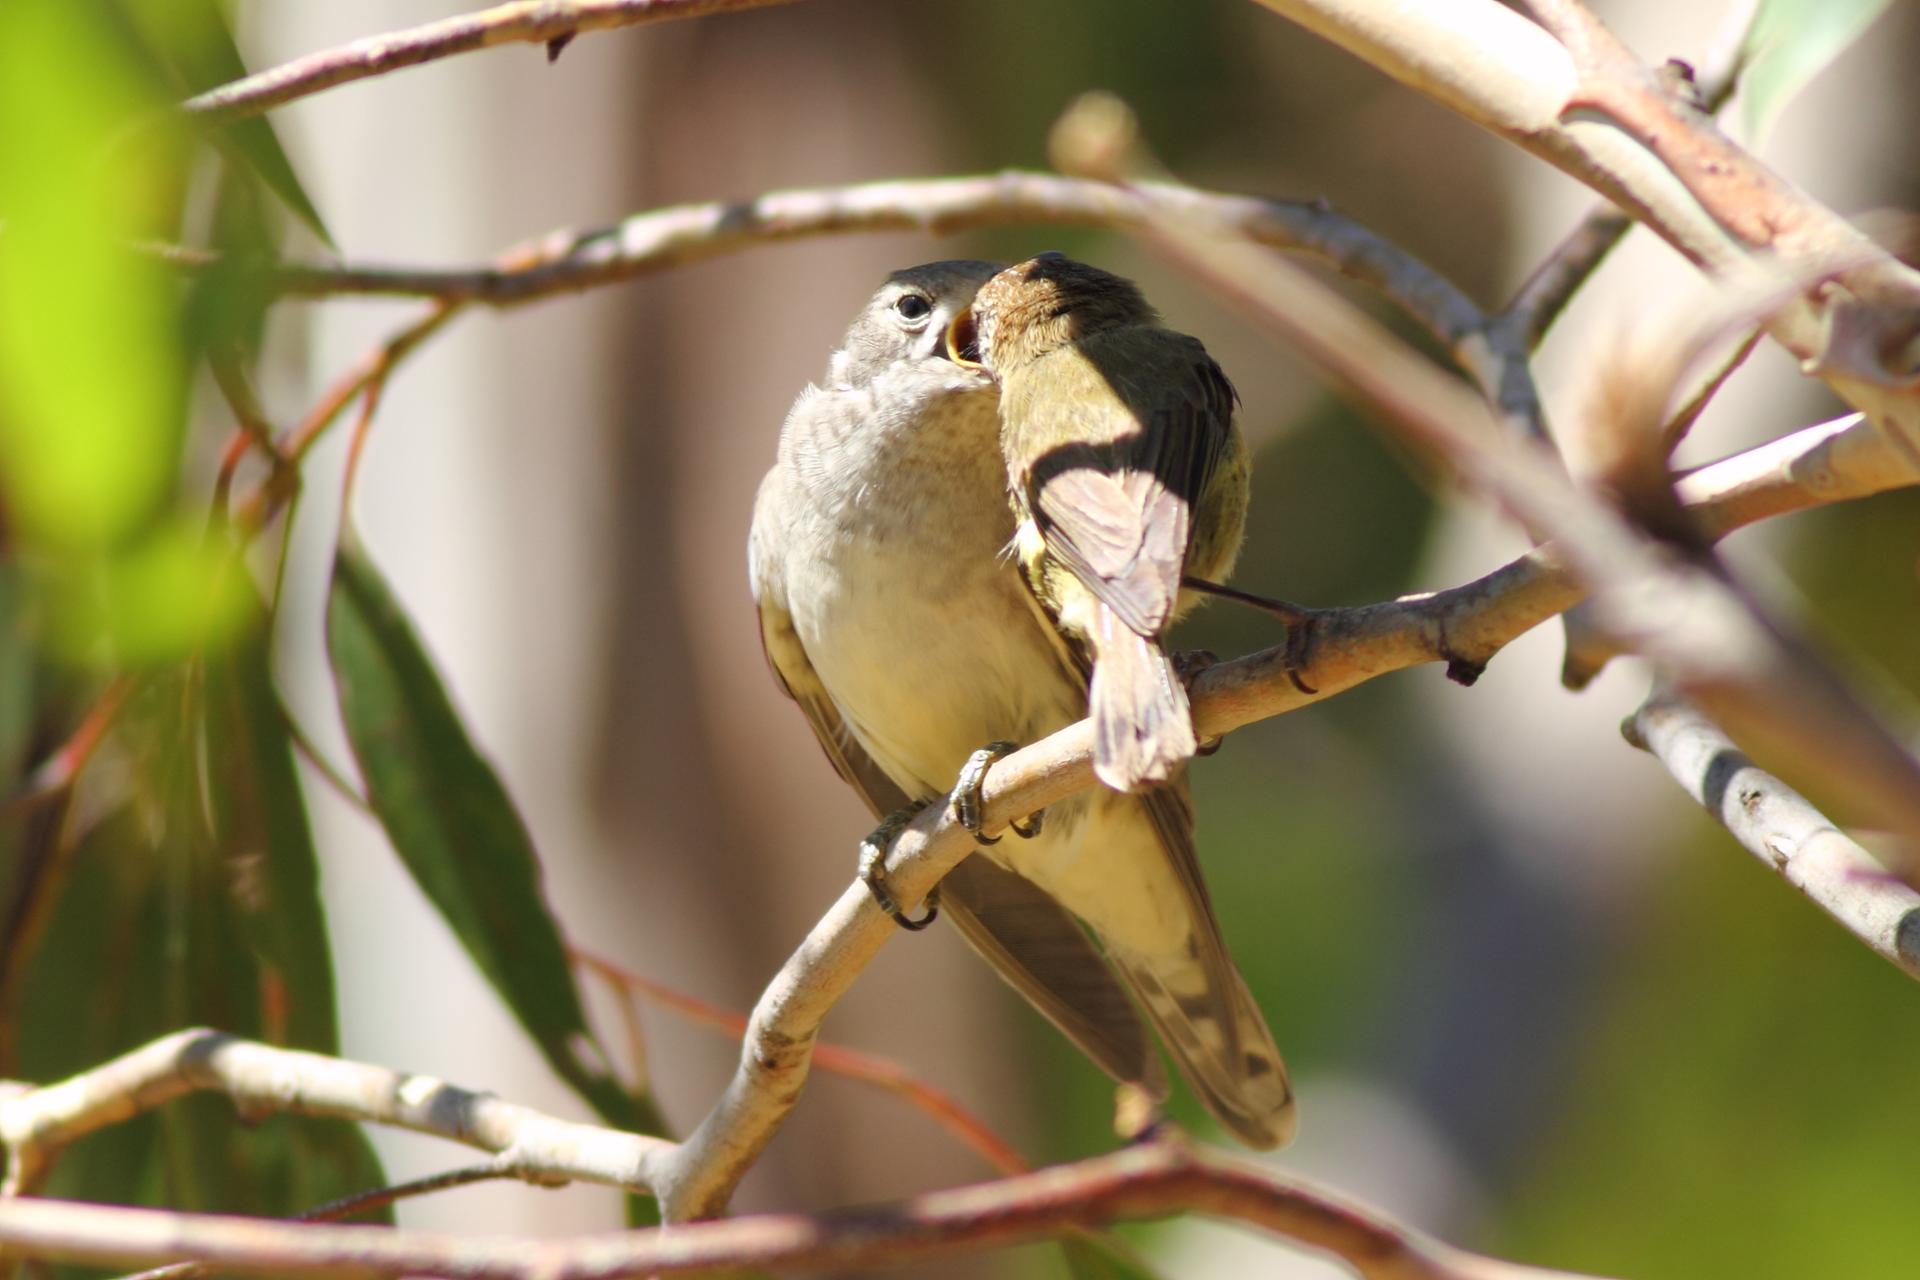 Fotografia przedstawia dwa ptaki, siedzące na beżowych gałęziach. Zprzodu mały, tyłem, szarobrązowy. Wkłada coś do otwartego, żółto obrzeżonego dzioba drugiego ptaka. To duże, jasnoszare pisklę kukułki zodchylonym skrzydłem, przodem, lekko wygięte. Ma czarne oko. Oba ptaki palcami obejmują gałąź, na której siedzą.